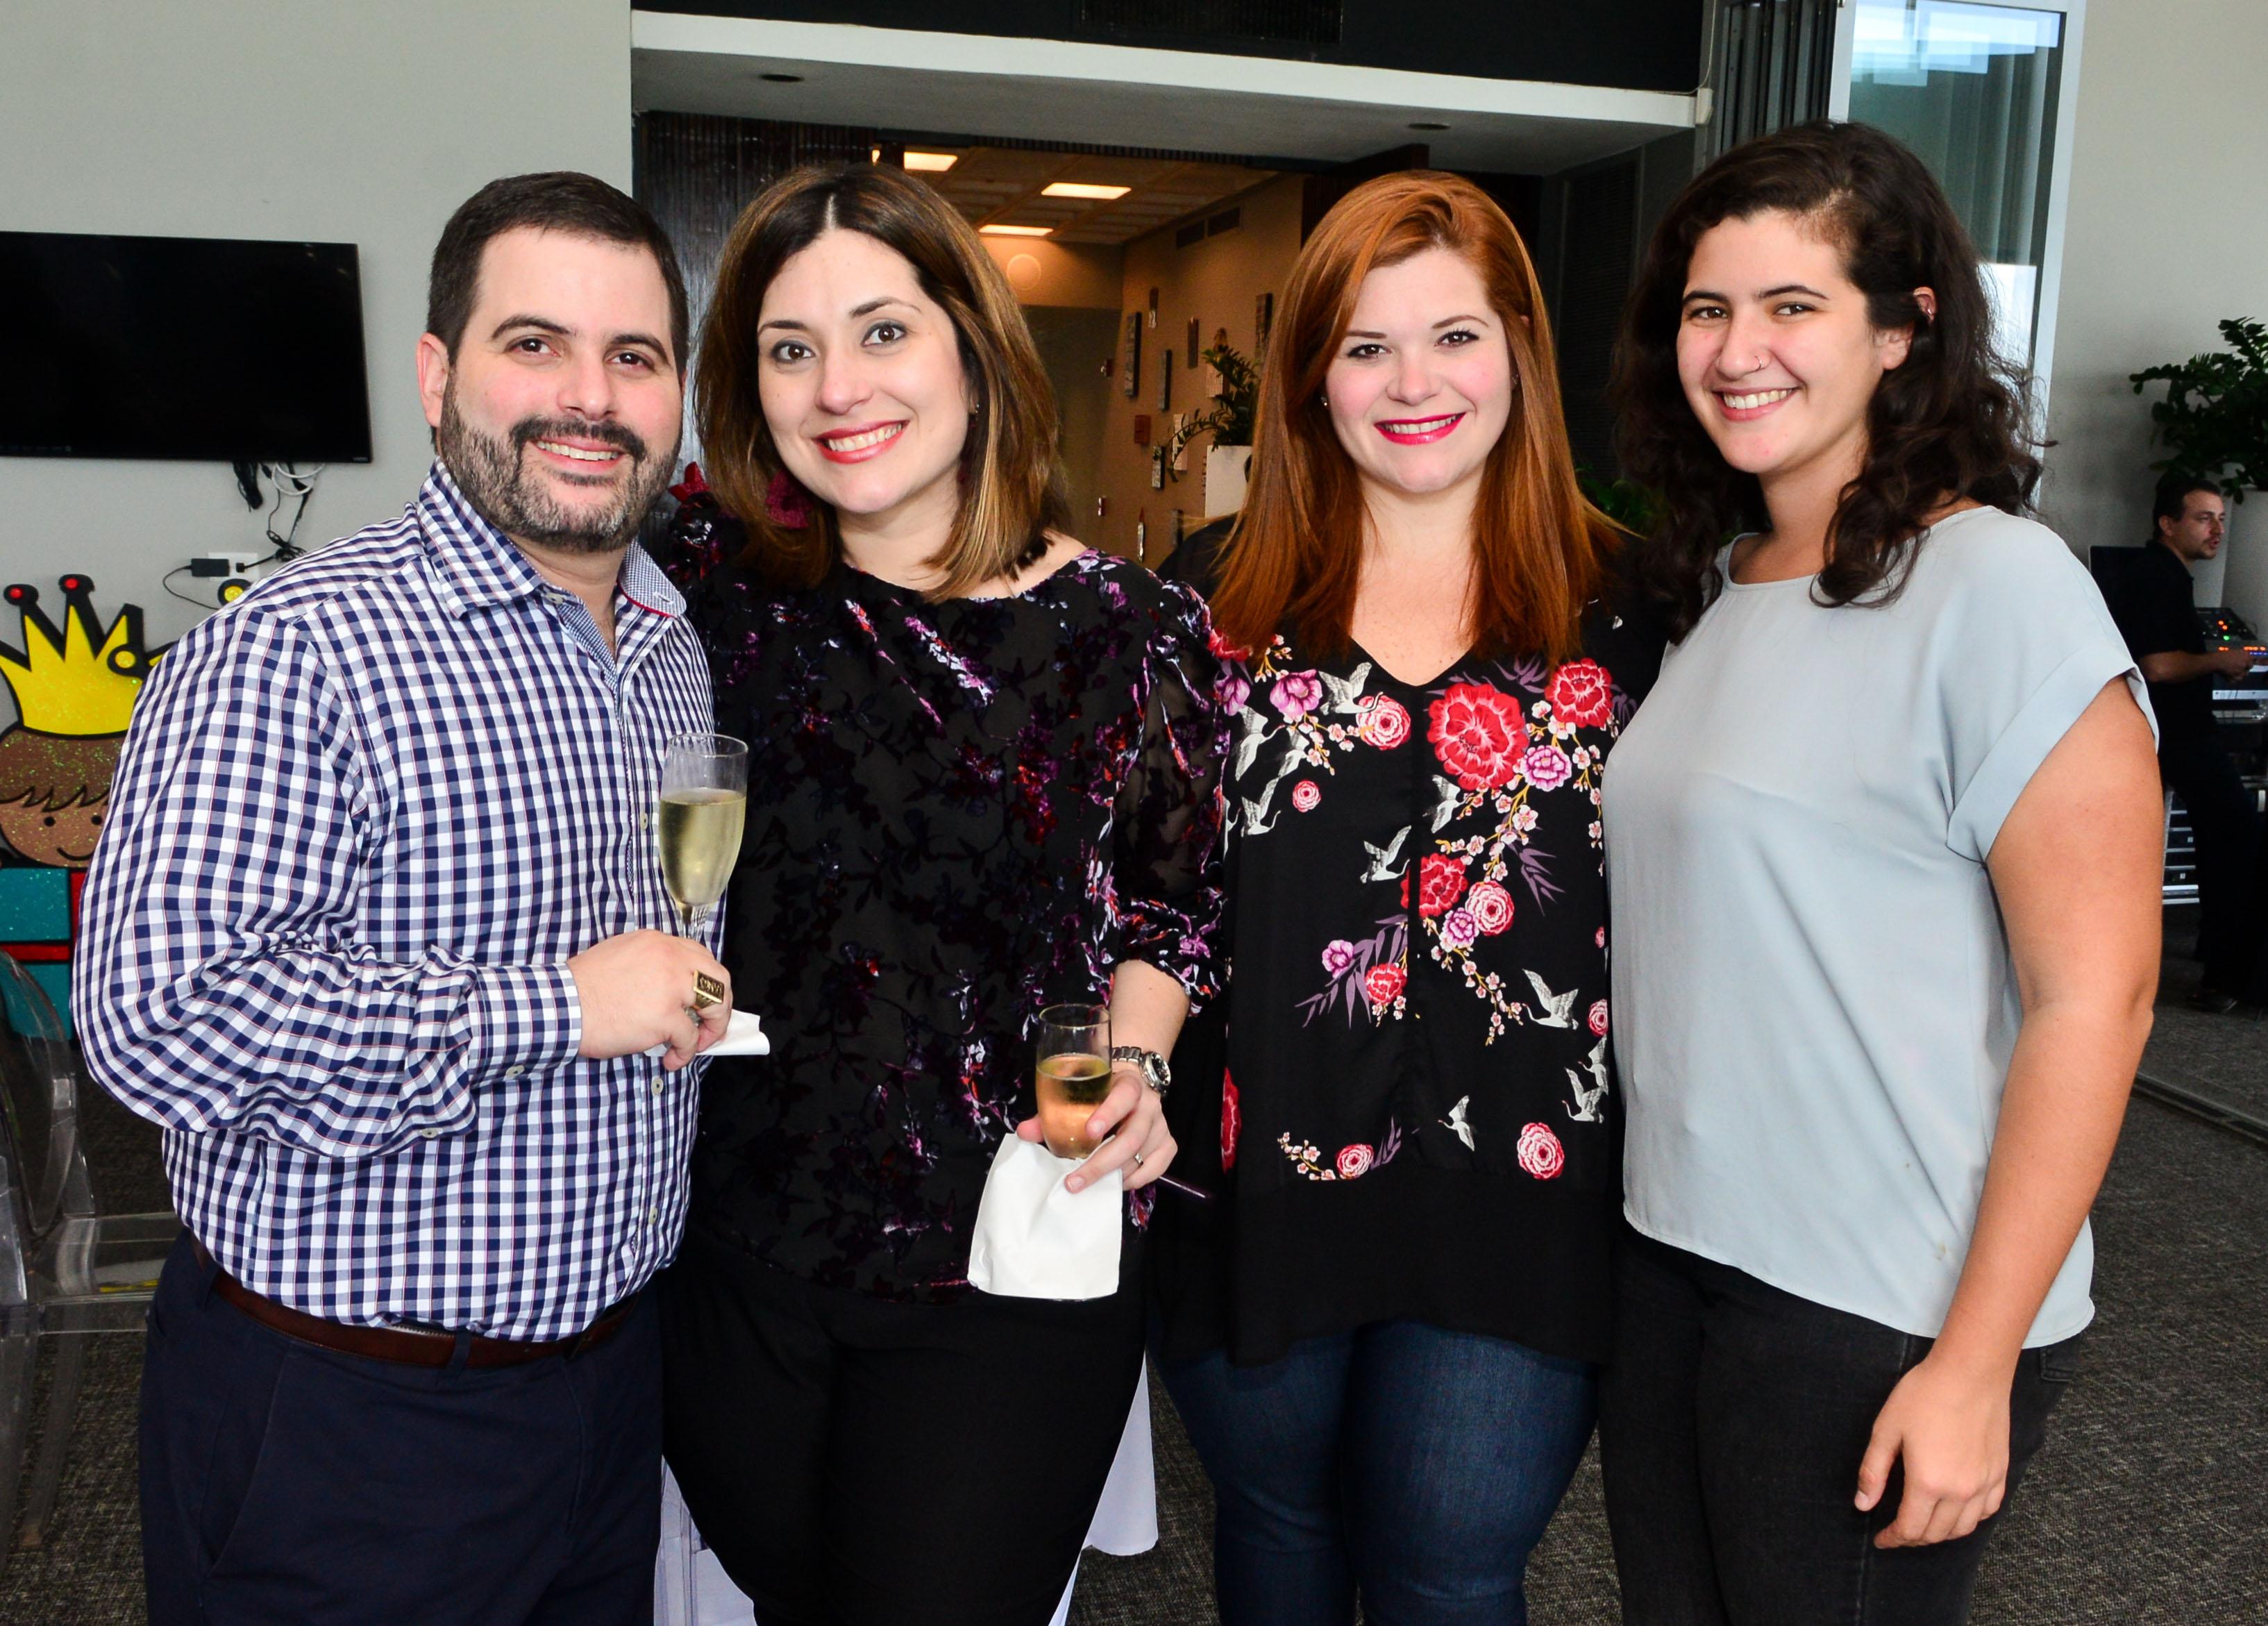 José Merheb, Laura Cantero y Adriana Cantero junto a María Baello. Foto por: Enid M. Salgado Mercado.